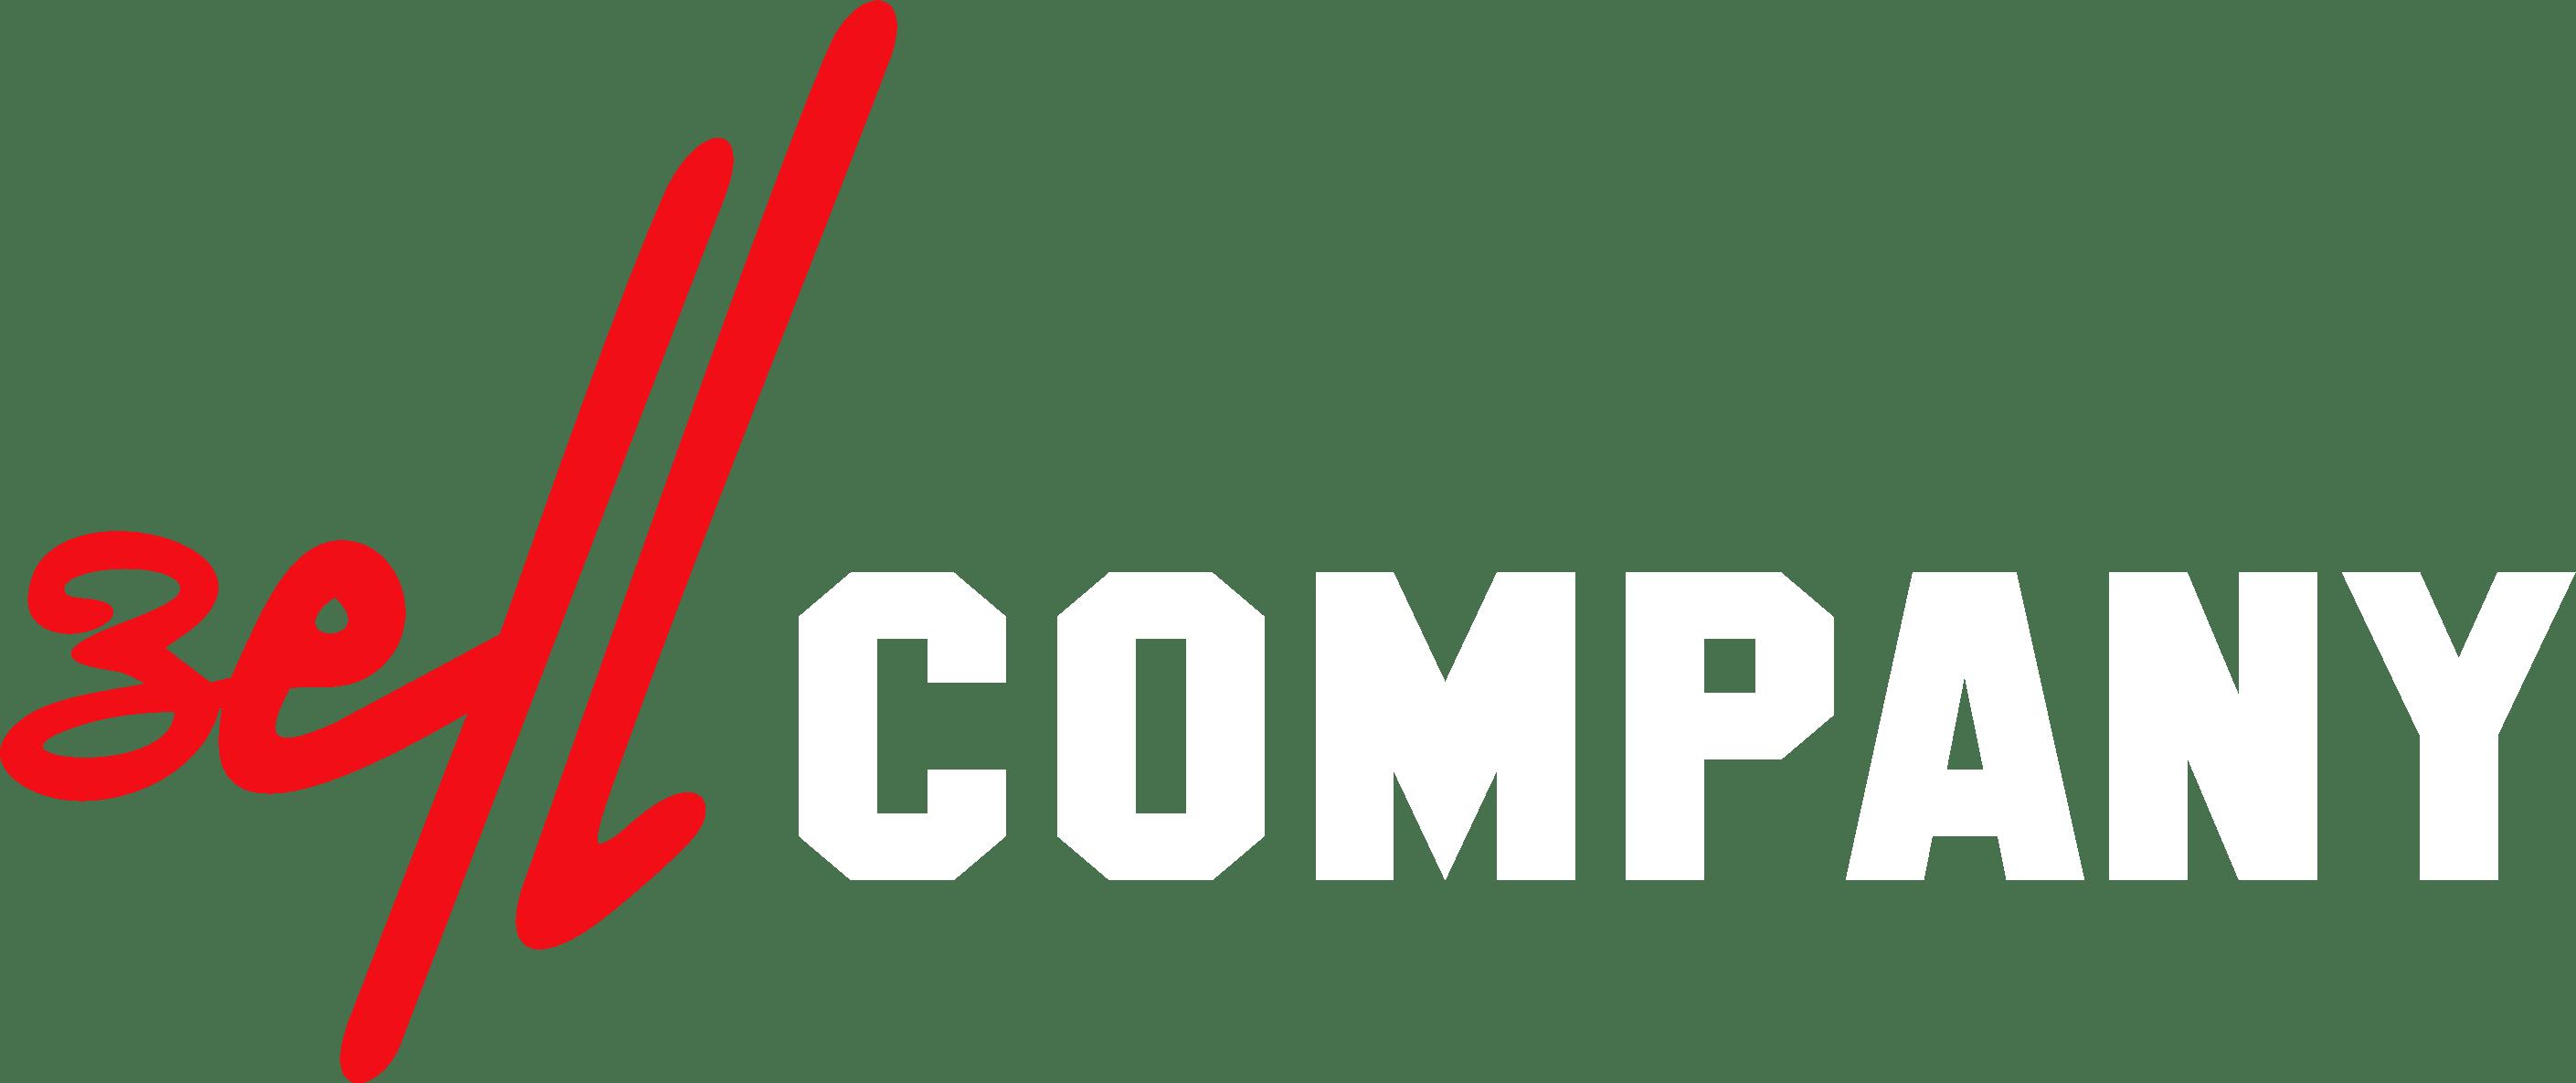 3ell Company